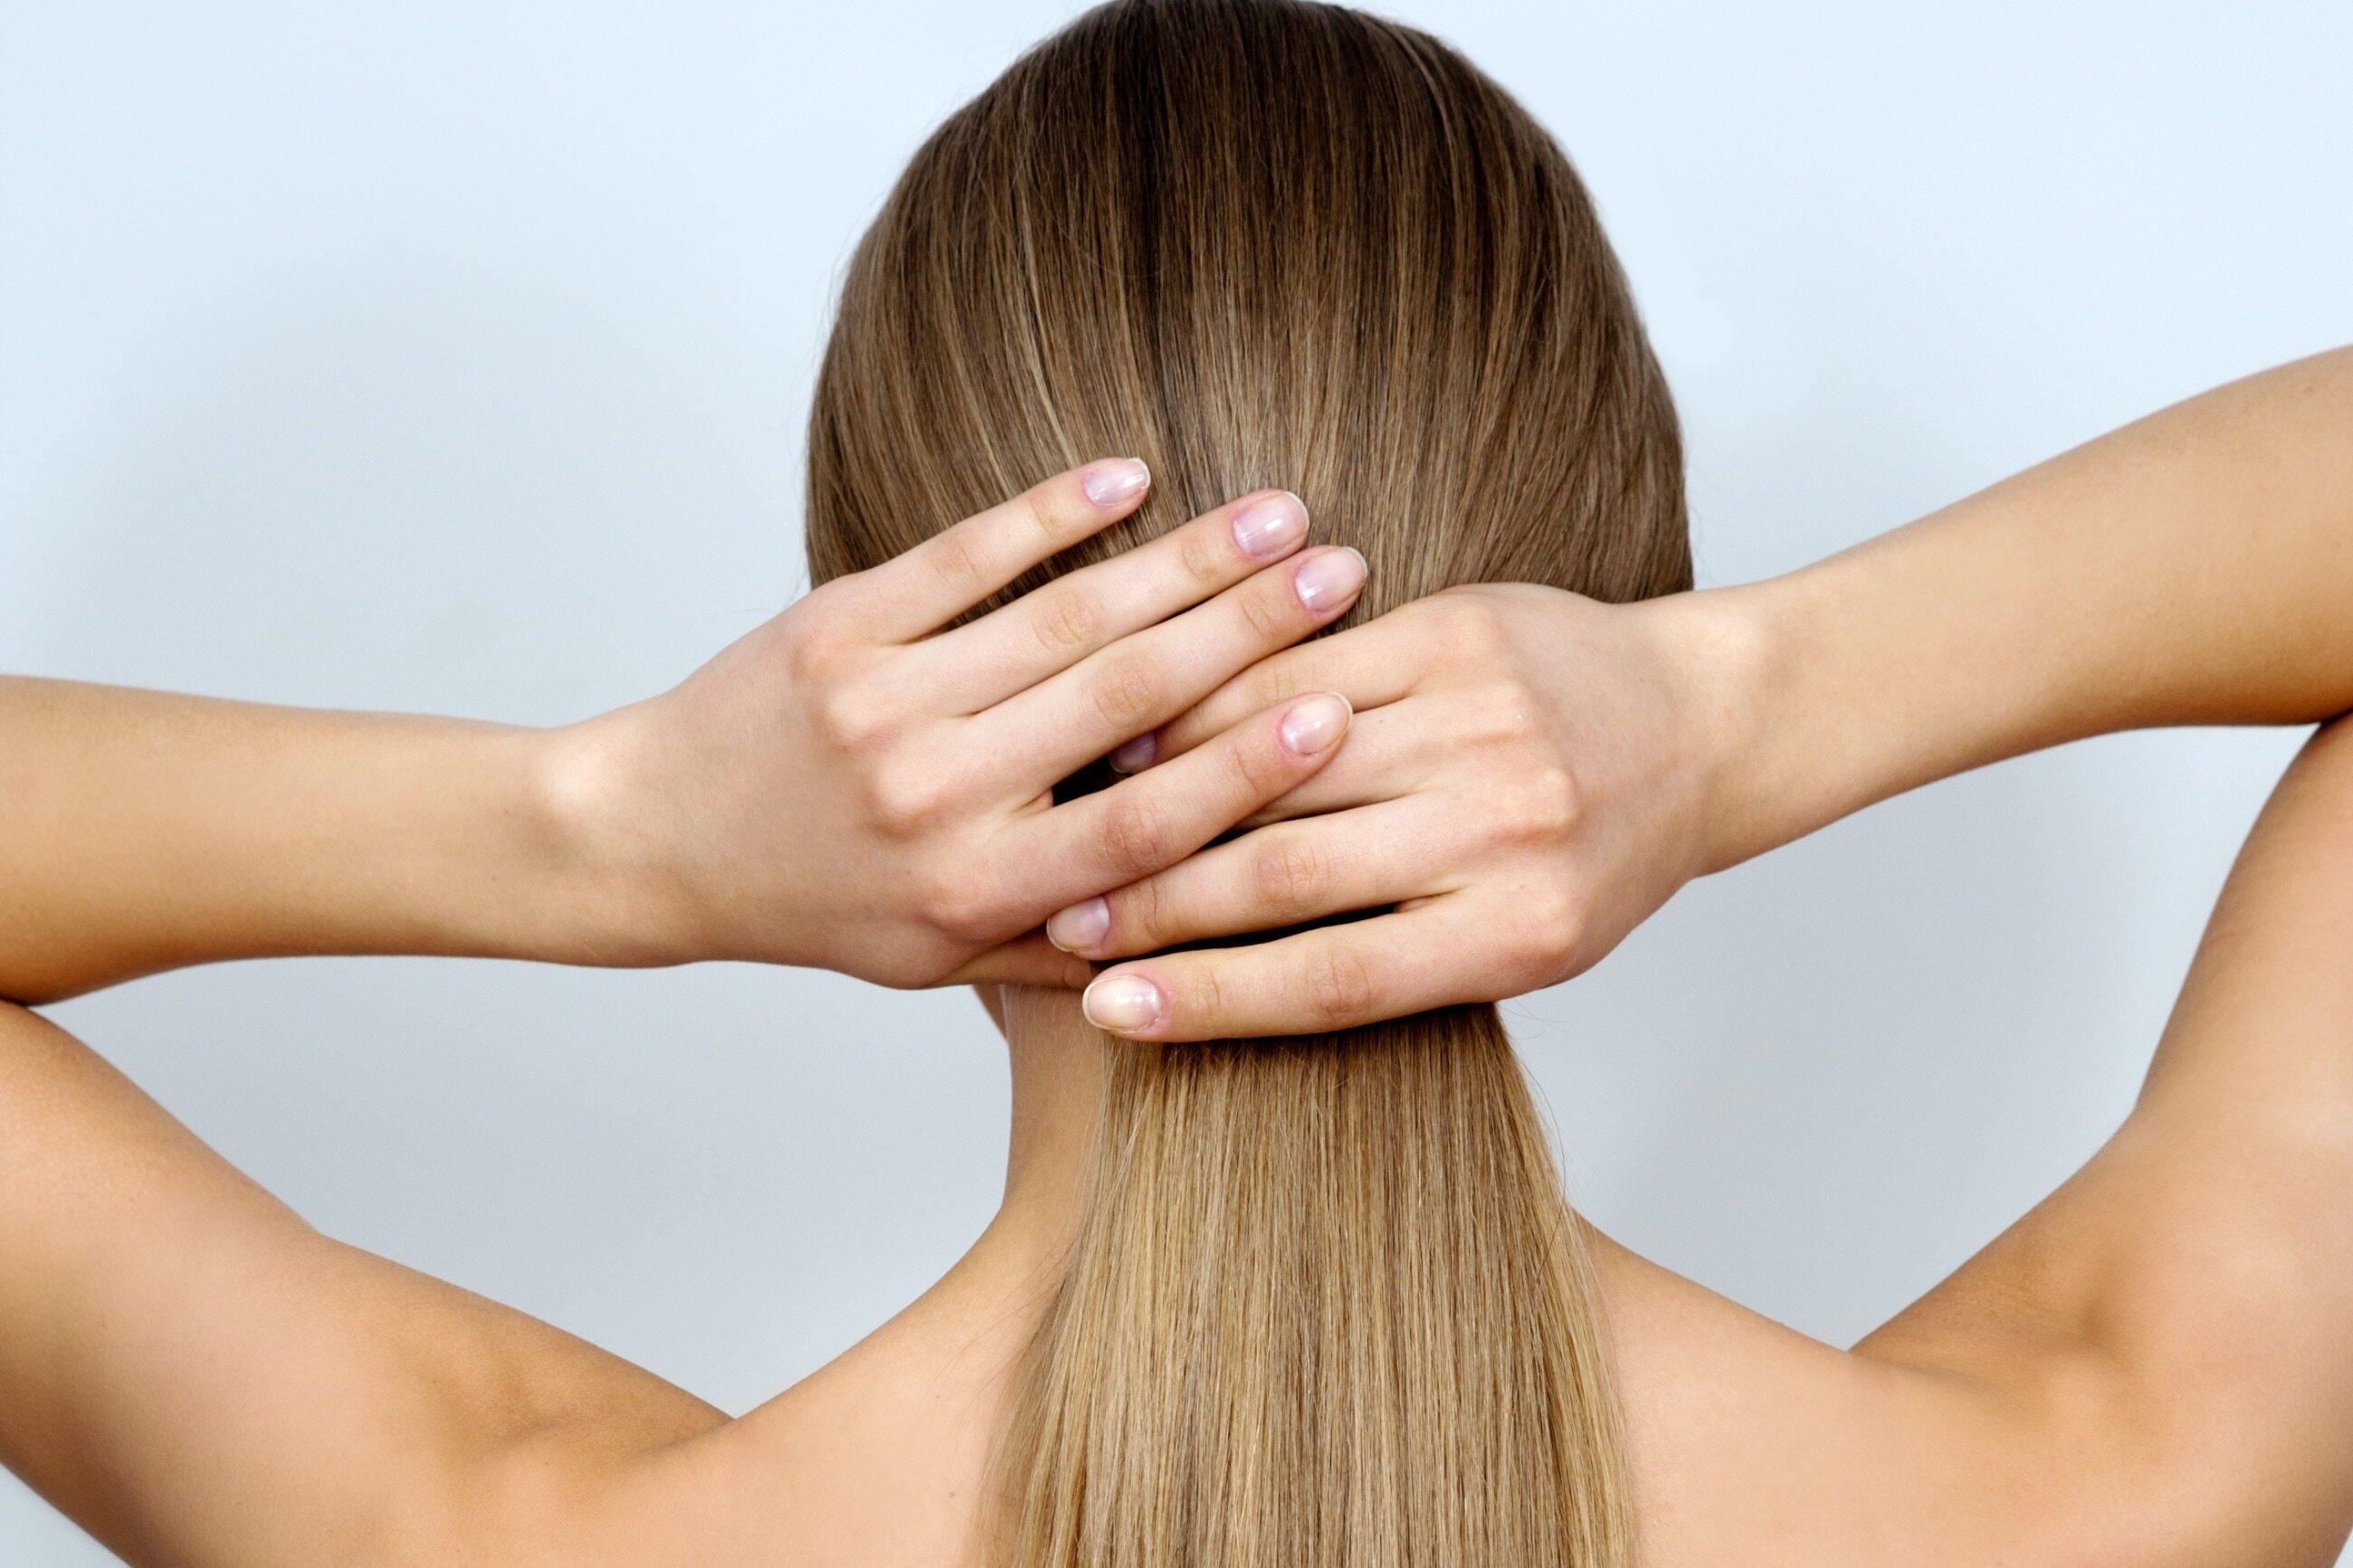 Średnica żeńskiego włosa jest: